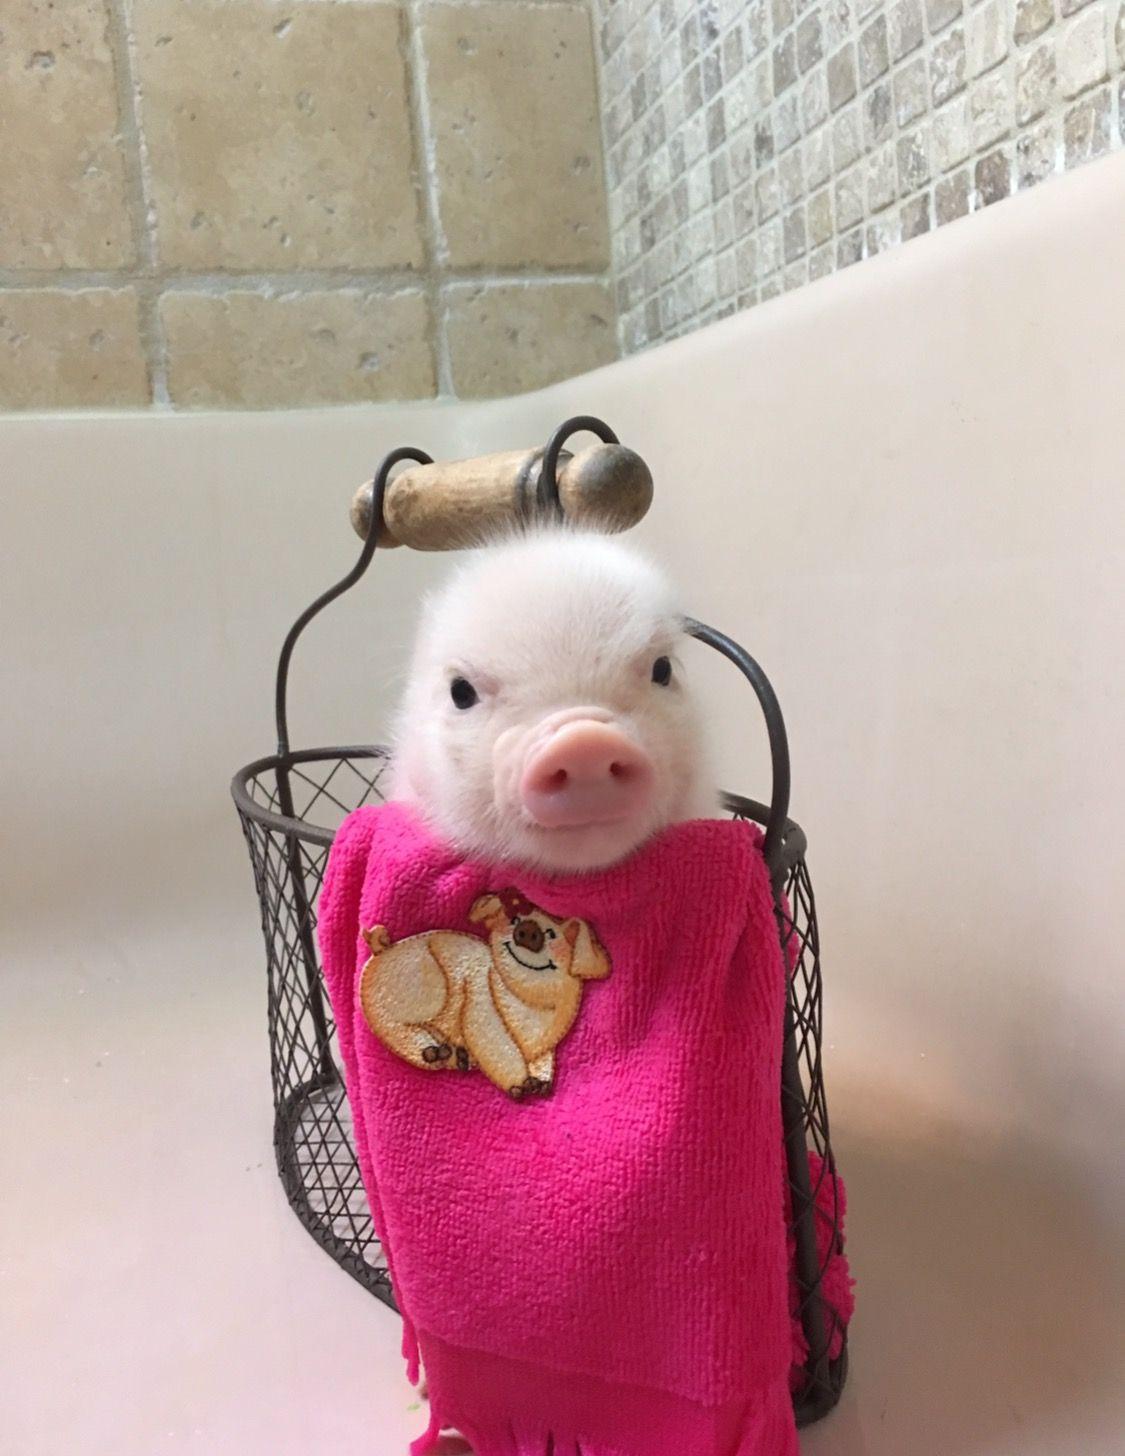 oink oink mini pigs piggy pics pinterest schweinchen schwein gehabt und minischwein. Black Bedroom Furniture Sets. Home Design Ideas